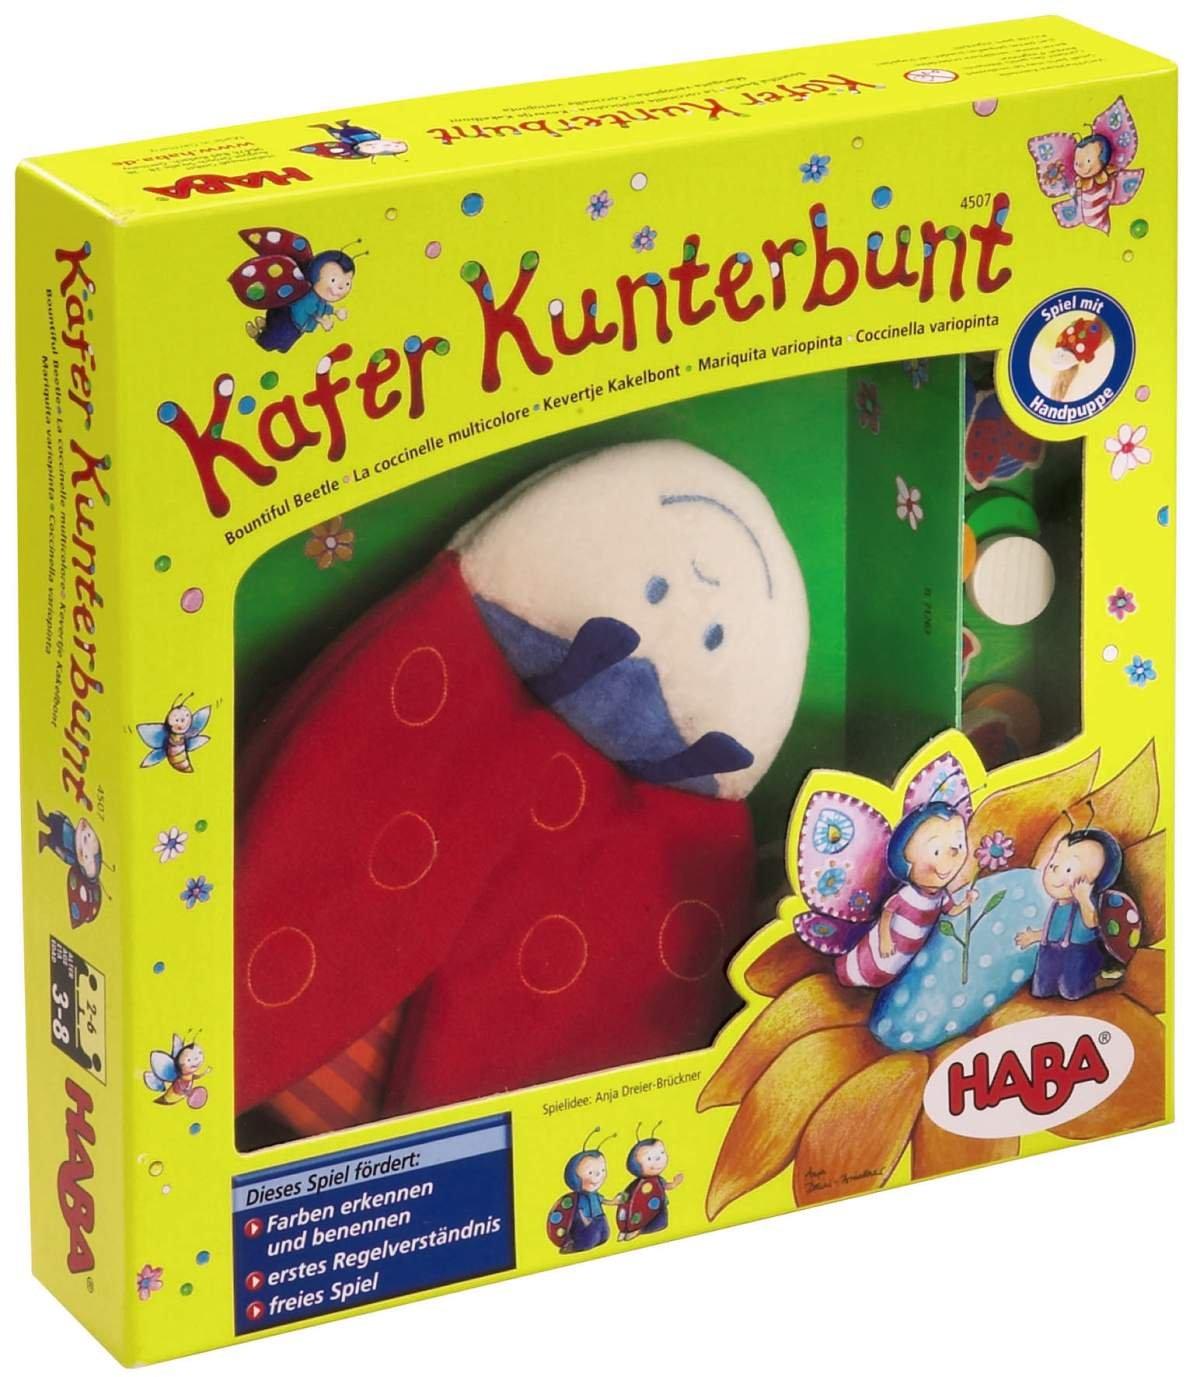 HABA 4507 - Käfer Kunterbunt